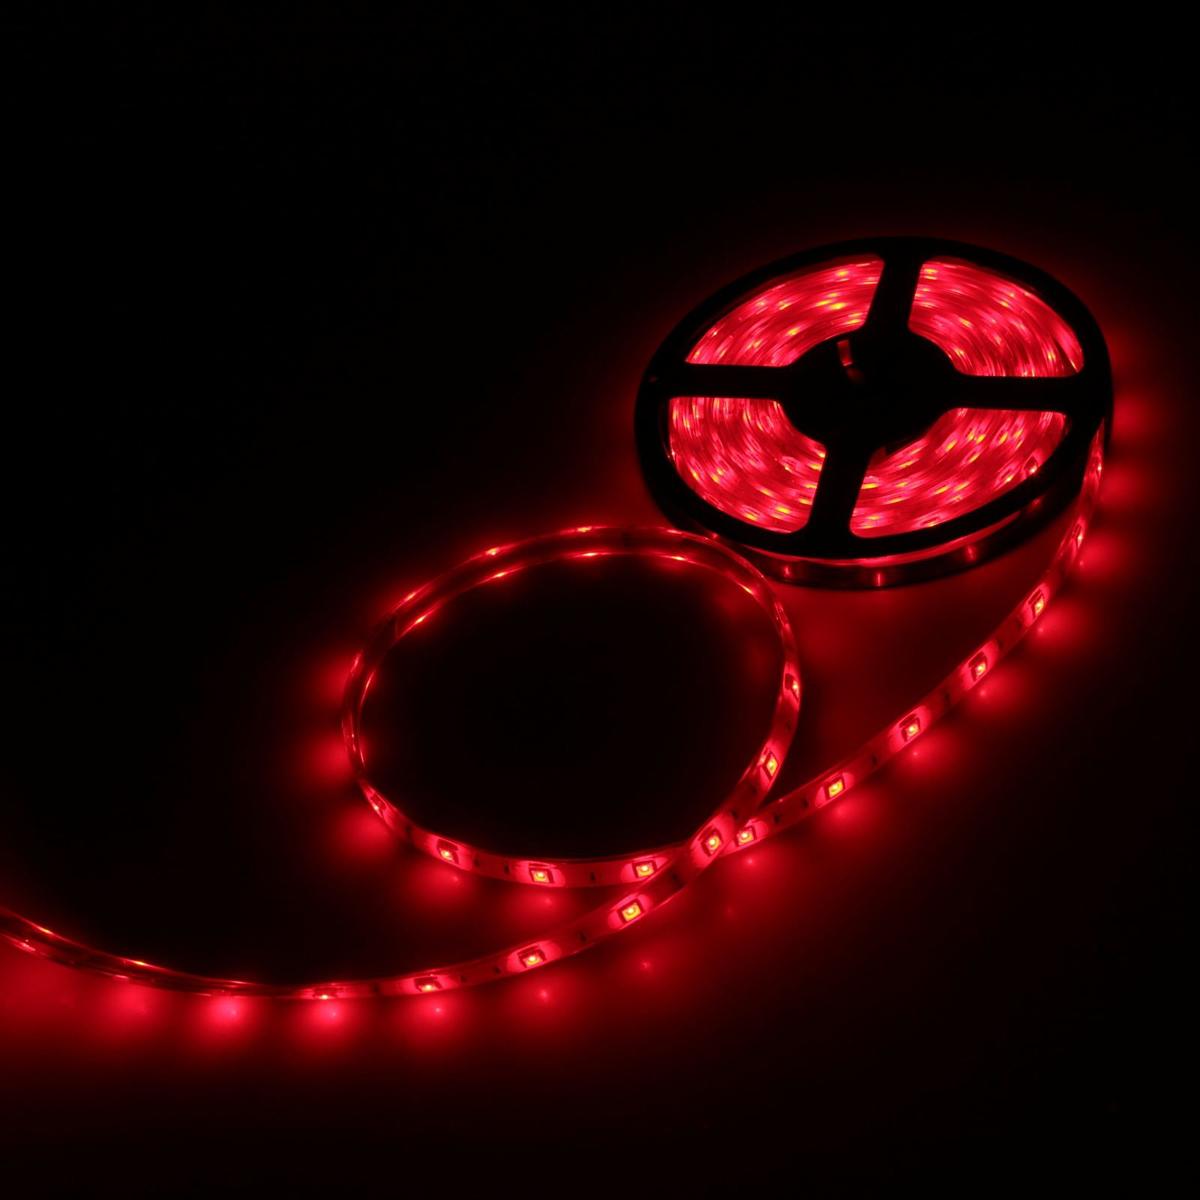 Светодиодная лента Luazon, 12В, SMD5050, длина 5 м, IP68, 30 LED ламп, 7.2 Вт/м, 14-16 Лм/1 LED, DC, цвет: красный883931Светодиодные гирлянды, ленты и т.д — это отличный вариант для новогоднего оформления интерьера или фасада. С их помощью помещение любого размера можно превратить в праздничный зал, а внешние элементы зданий, украшенные ими, мгновенно станут напоминать очертания сказочного дворца. Такие украшения создают ауру предвкушения чуда. Деревья, фасады, витрины, окна и арки будто специально созданы, чтобы вы украсили их светящимися нитями.